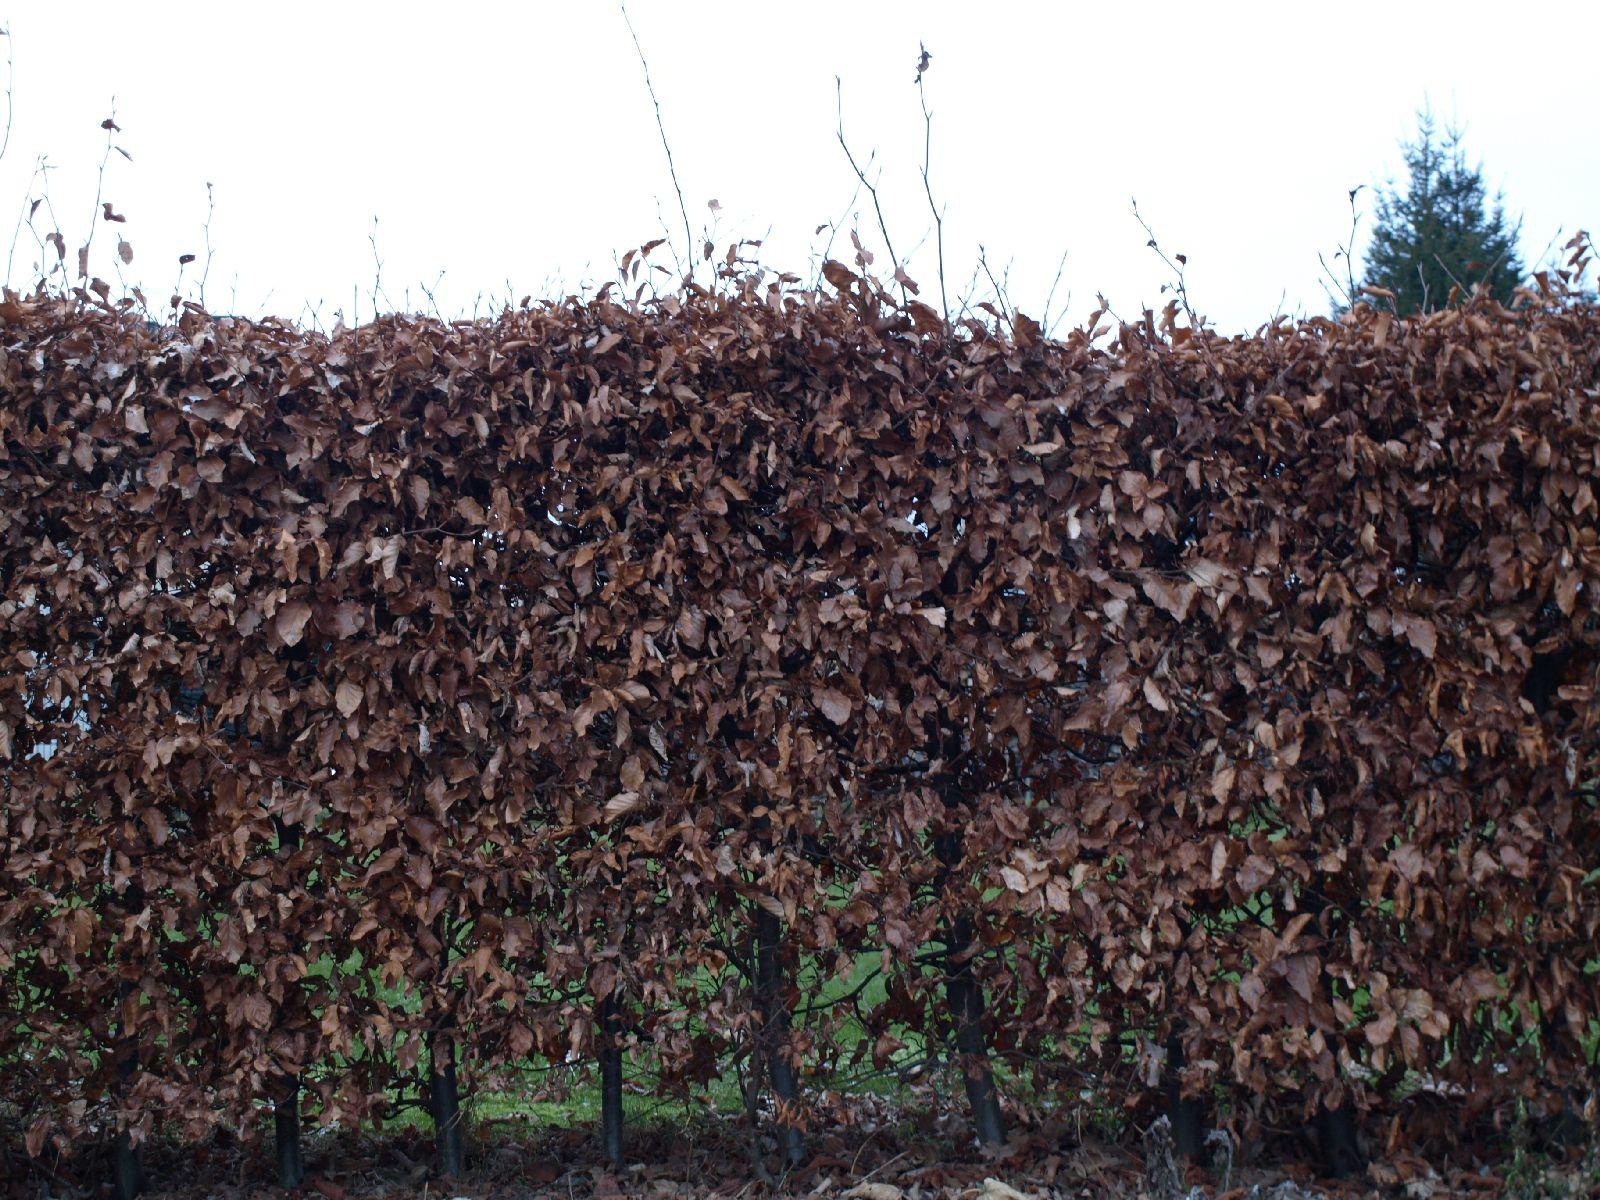 Pflanzen-Hecken-Foto_Textur_B_P1018670